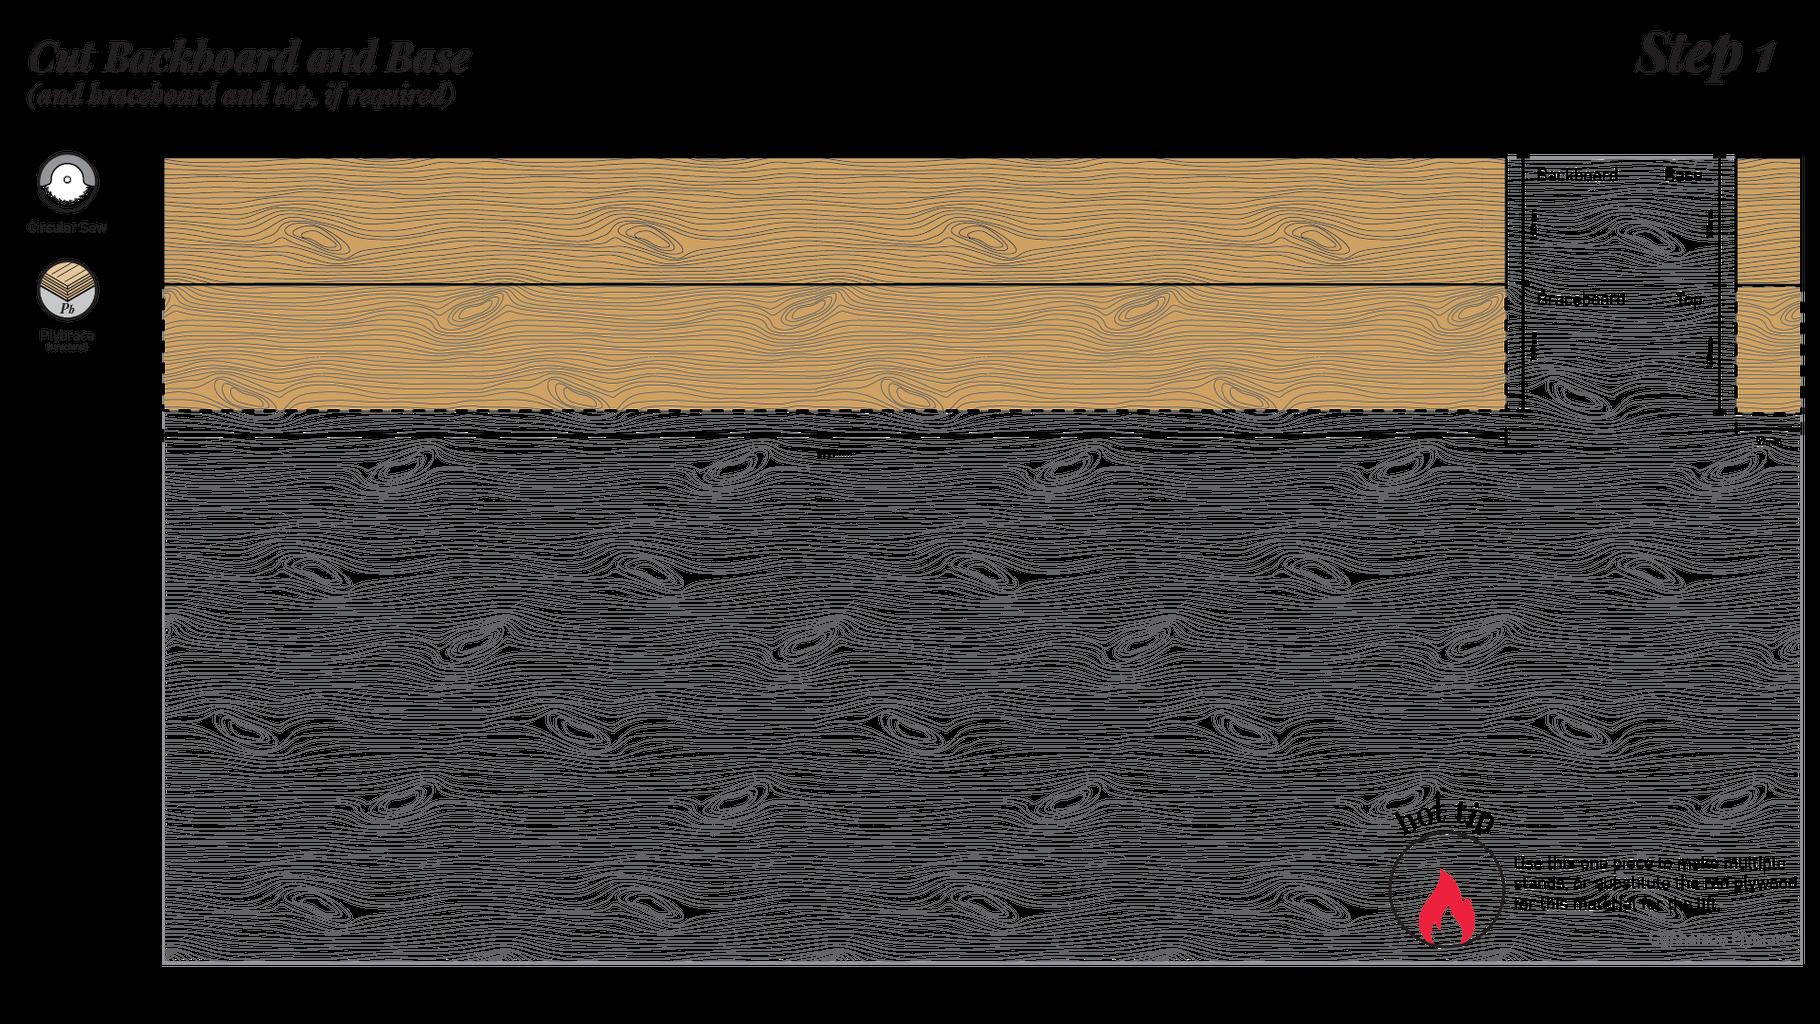 Cut Backboard and Base